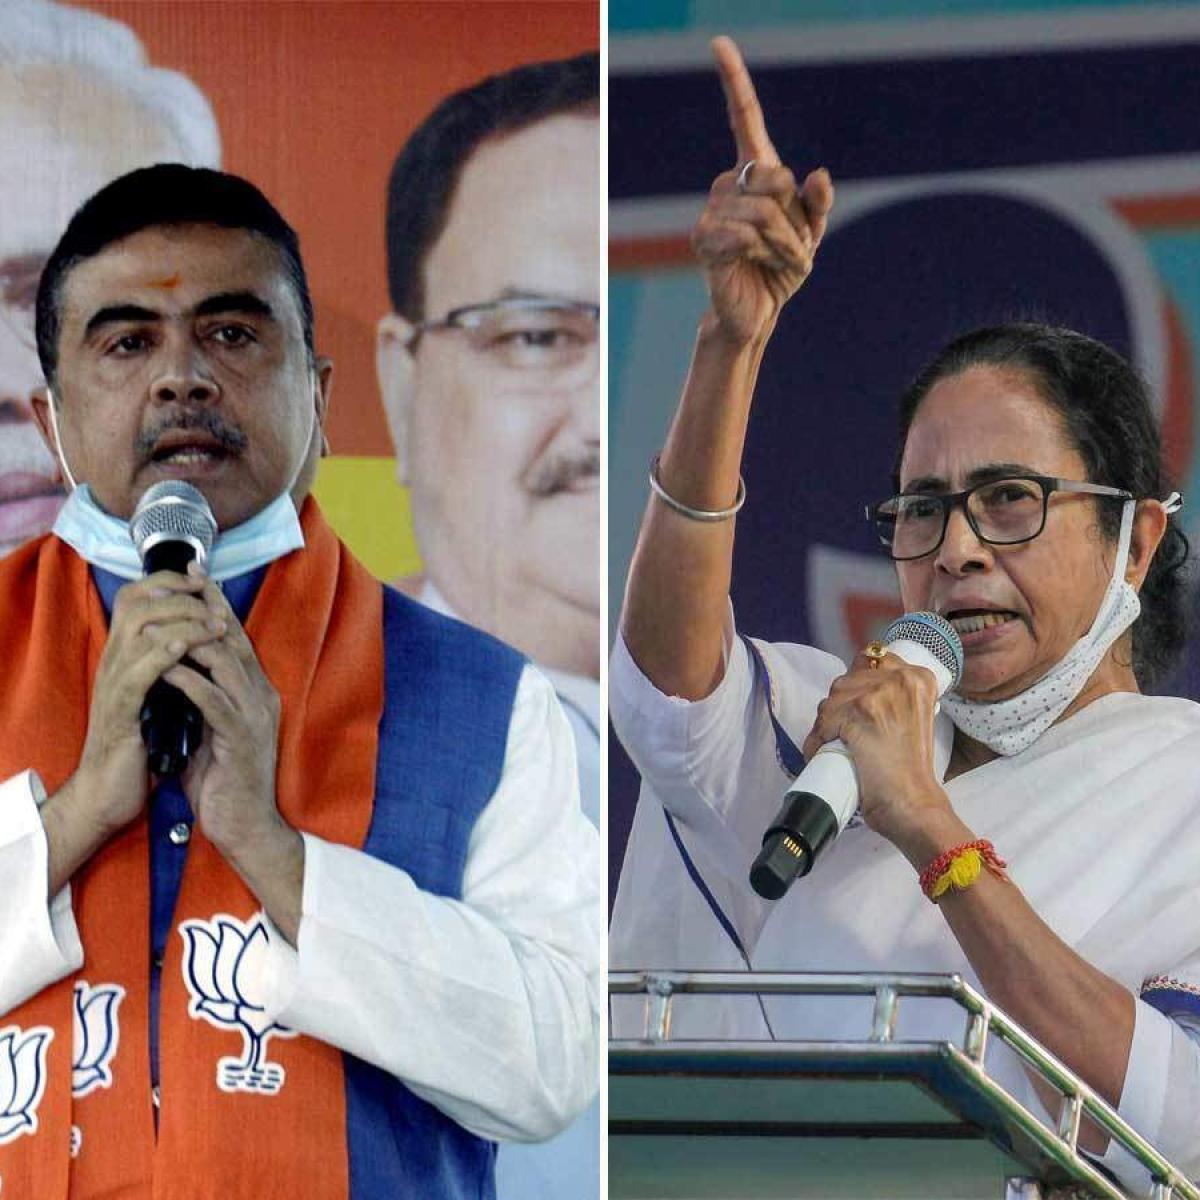 West Bengal Elections: In early counting, Mamata Banerjee trailing BJP's Suvendu Adhikari in Nandigram